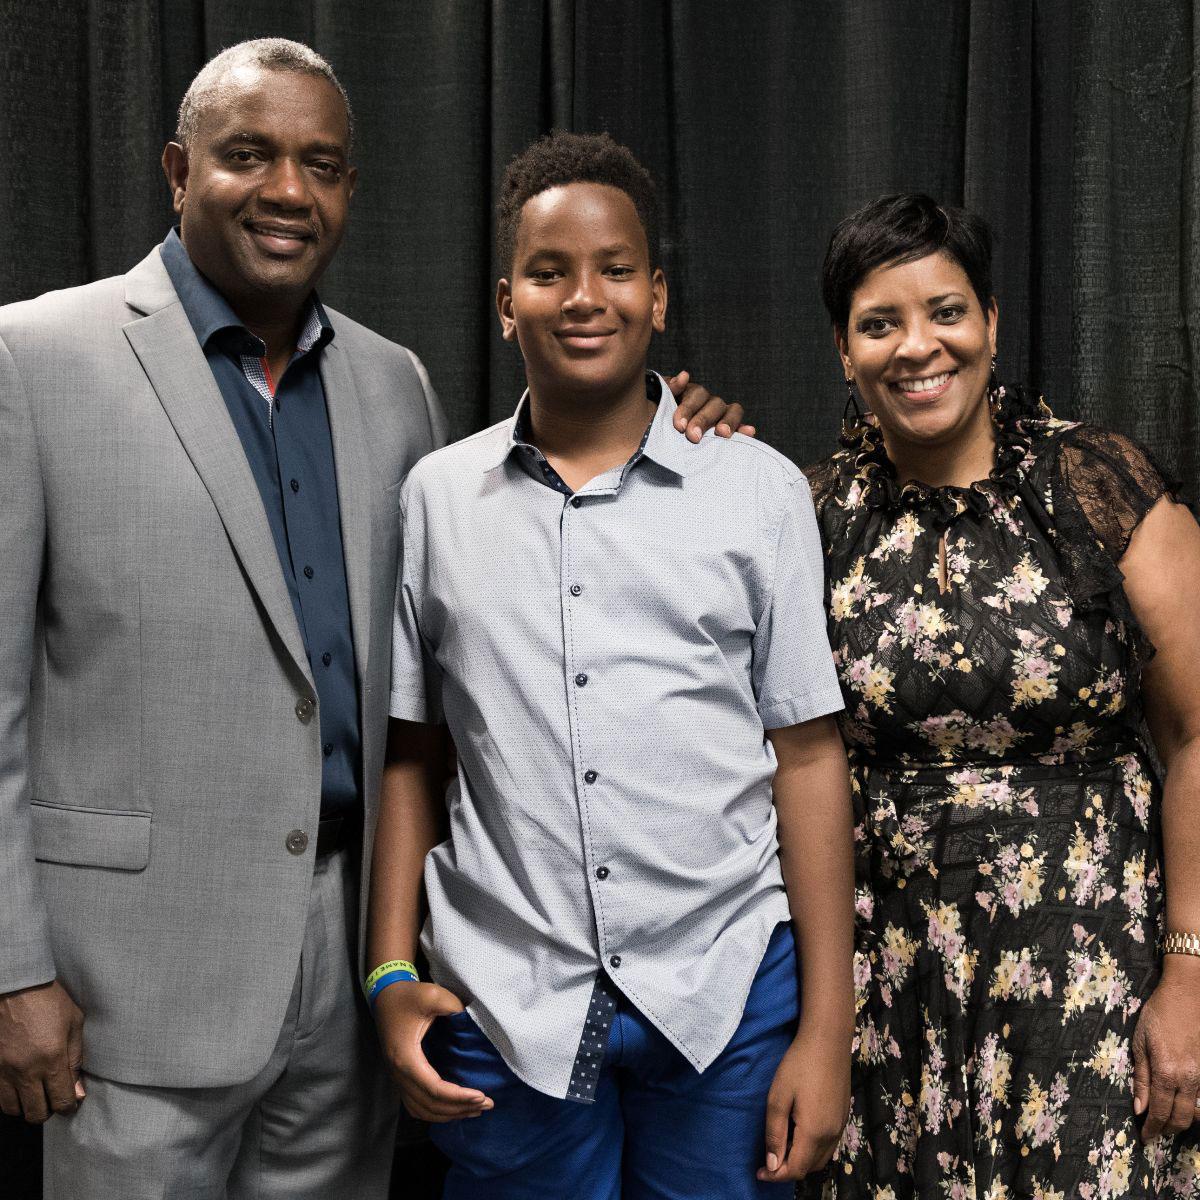 Pastor Ricky Garner and family - Bethel Hope Church, Tyler, TX